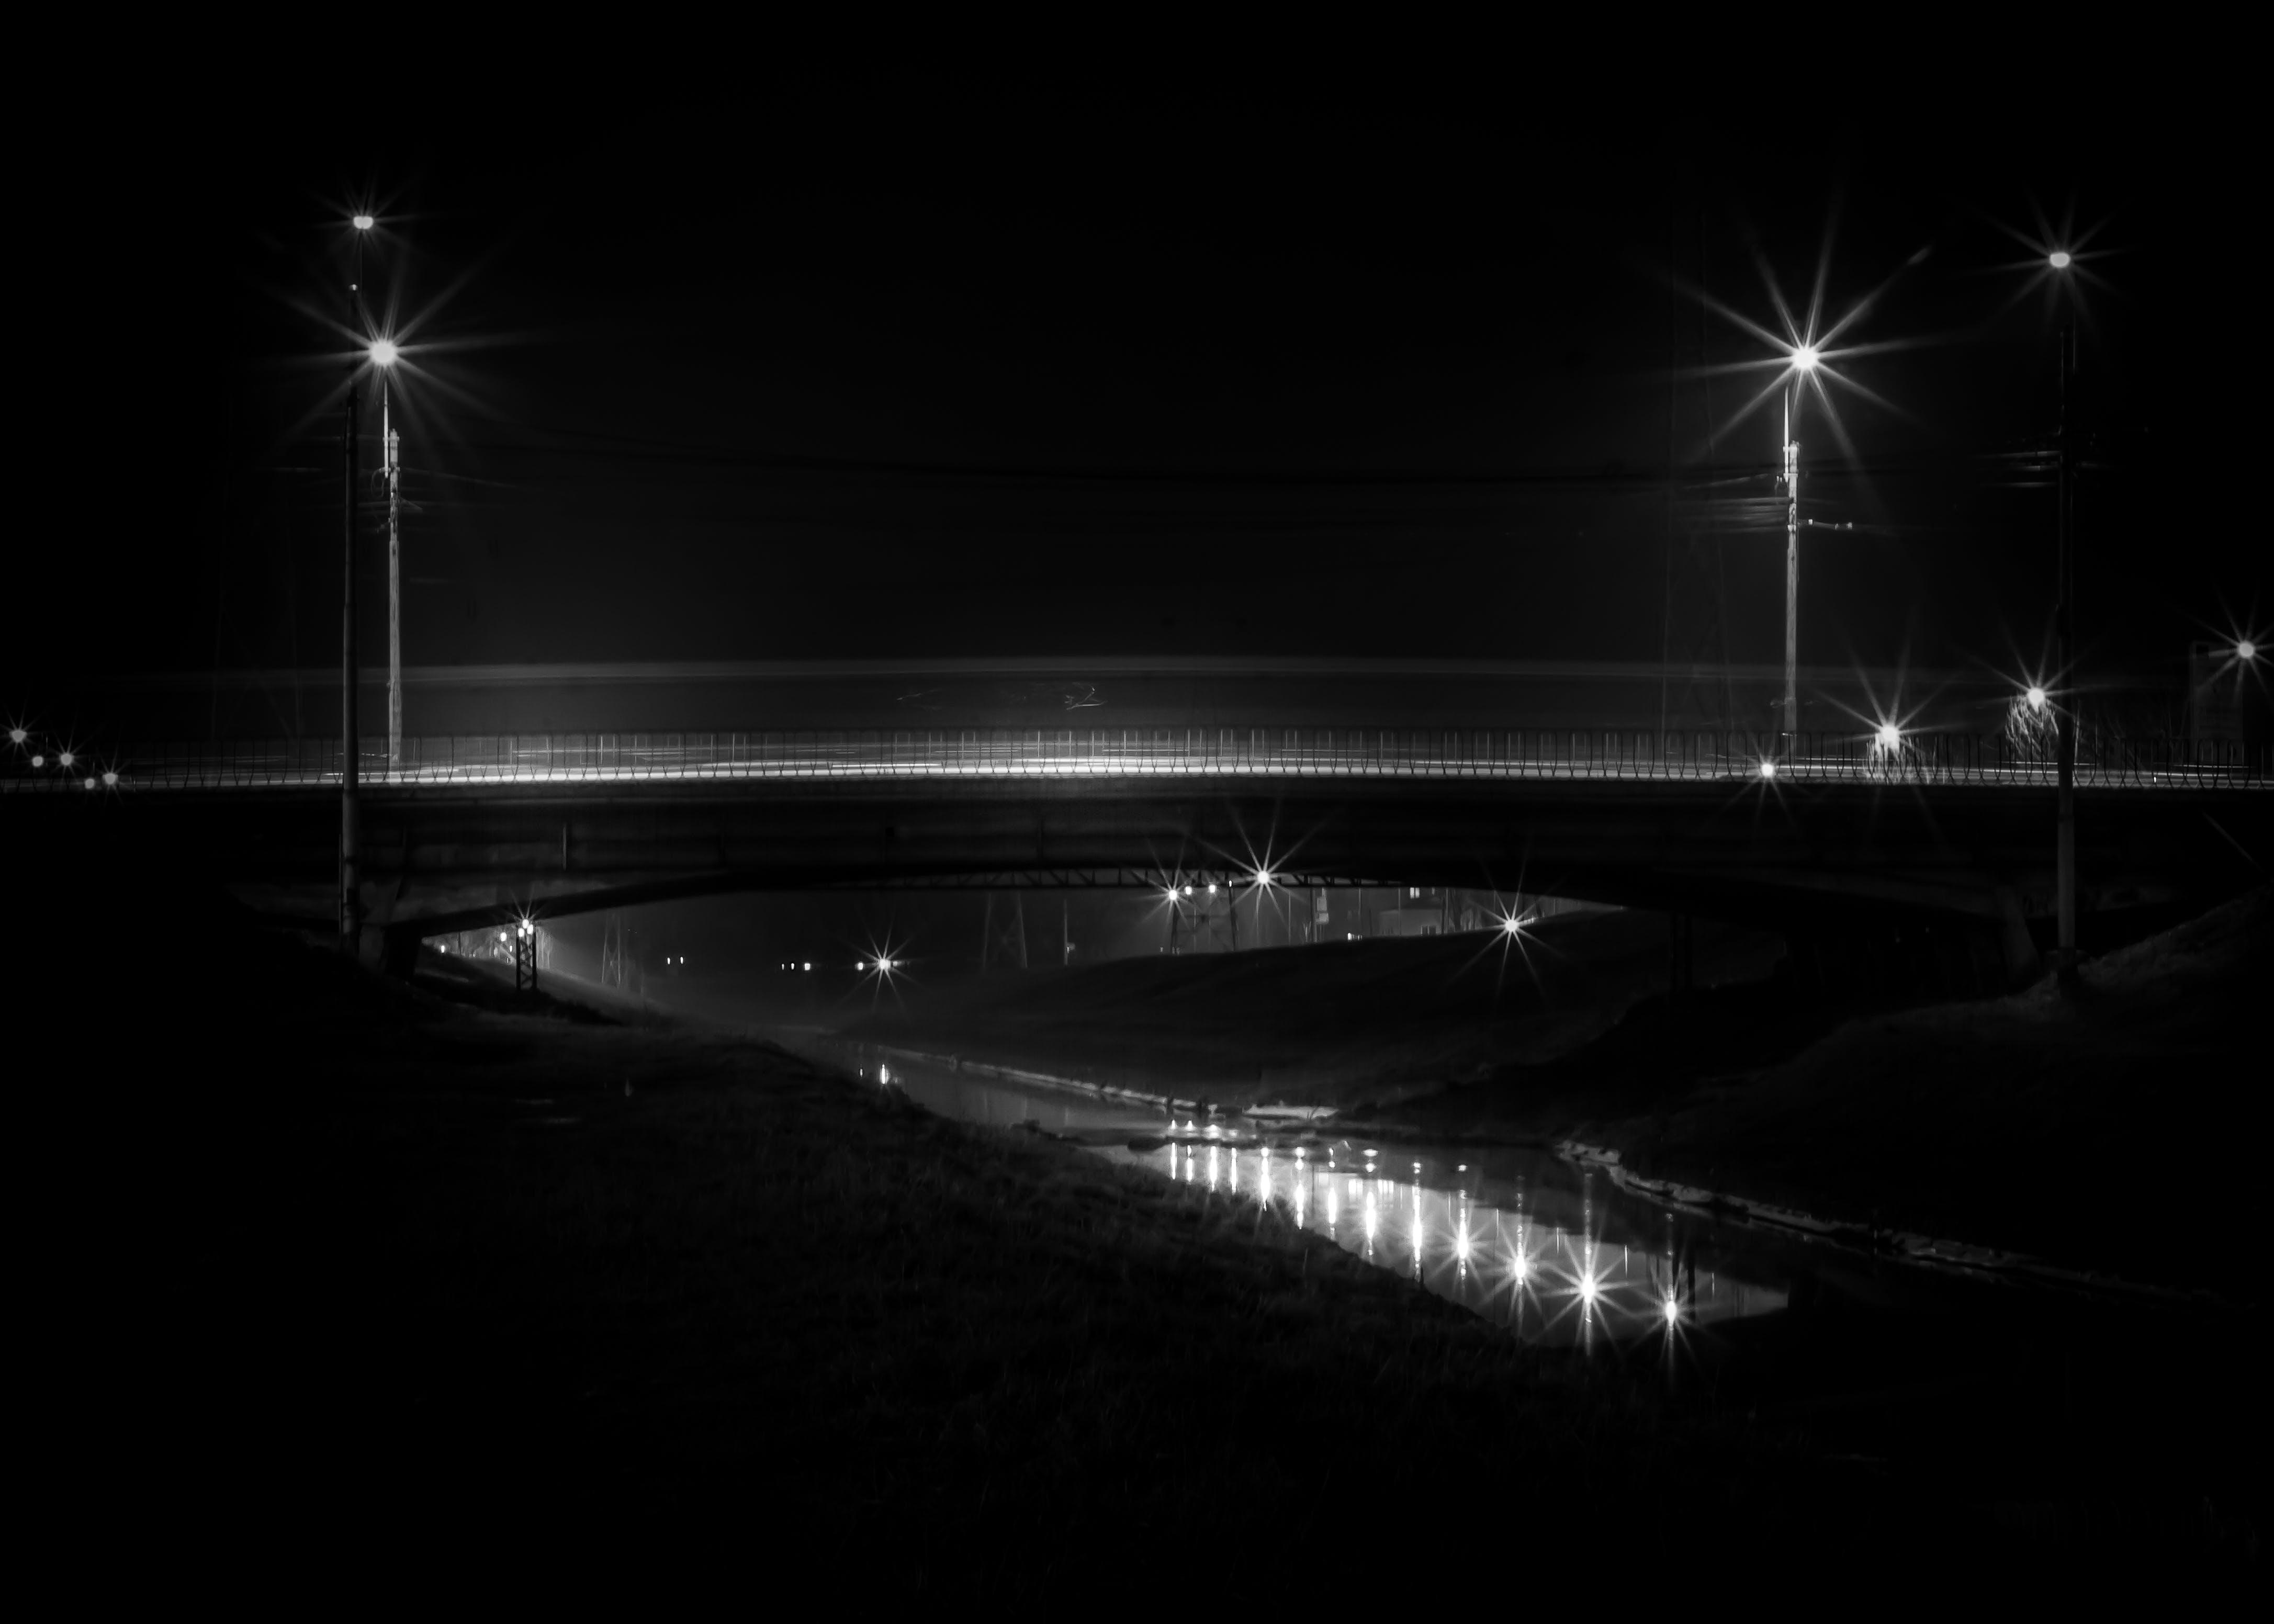 Free stock photo of night, dark, bridge, river